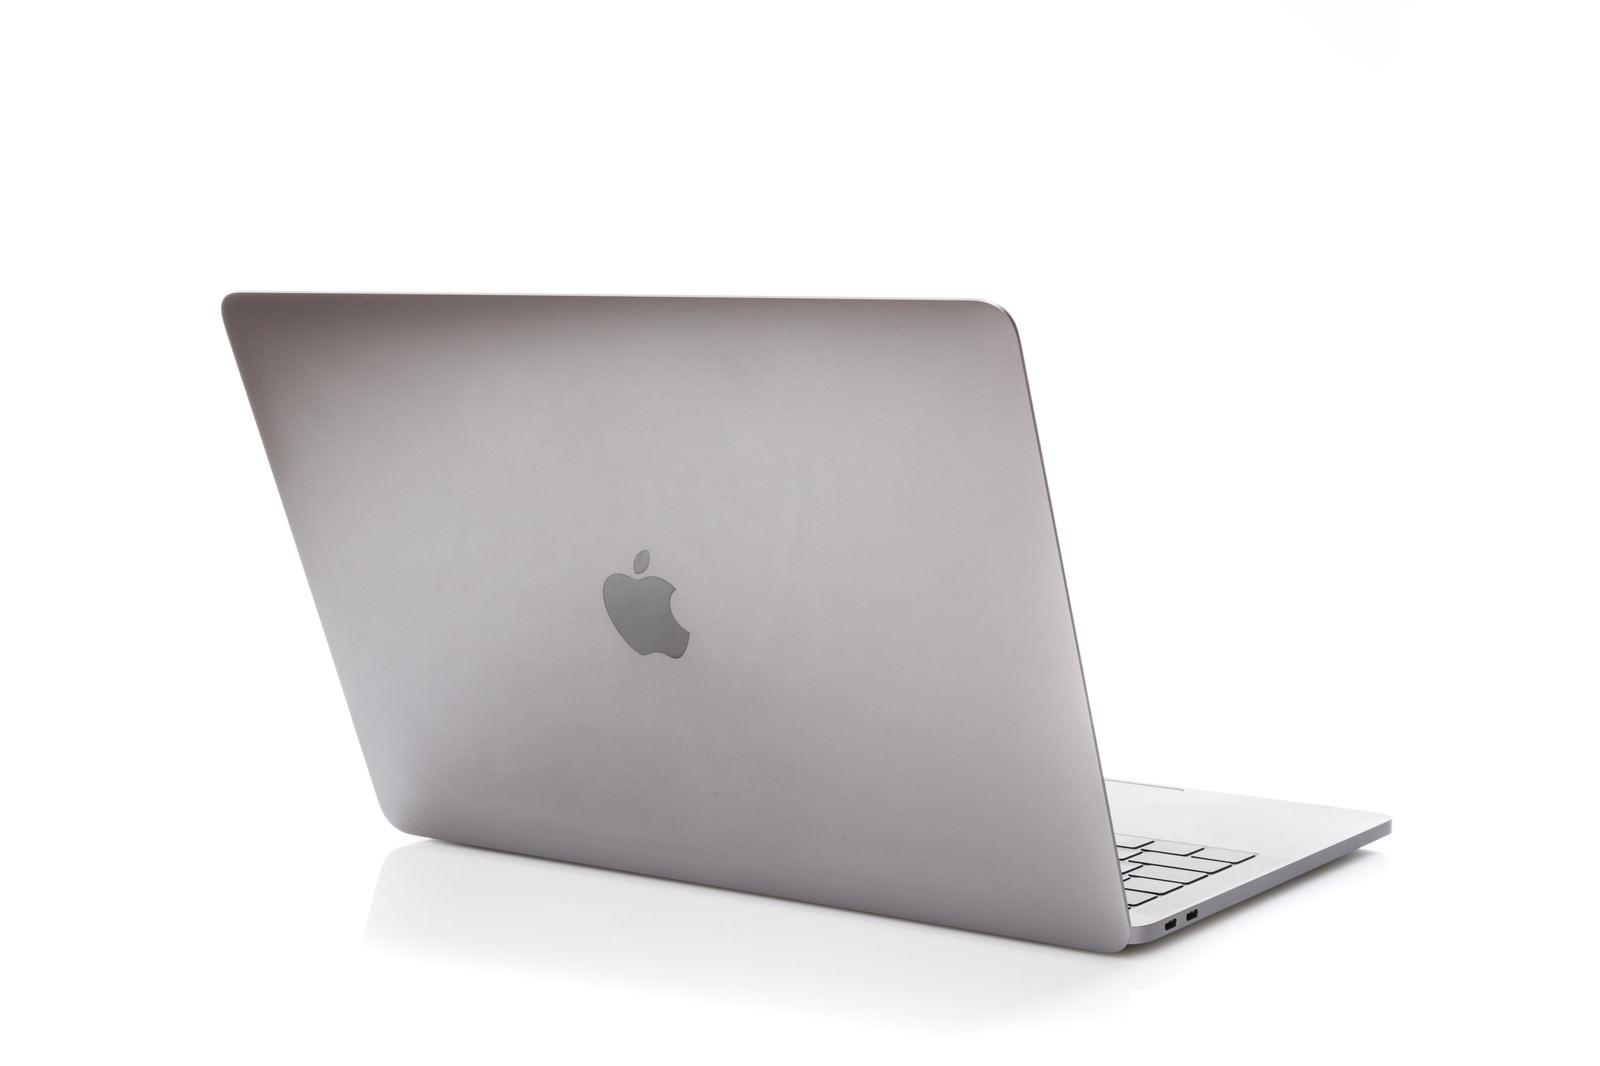 「MacBook Pro13インチMacBook Pro13インチ」のフリー写真素材を拡大